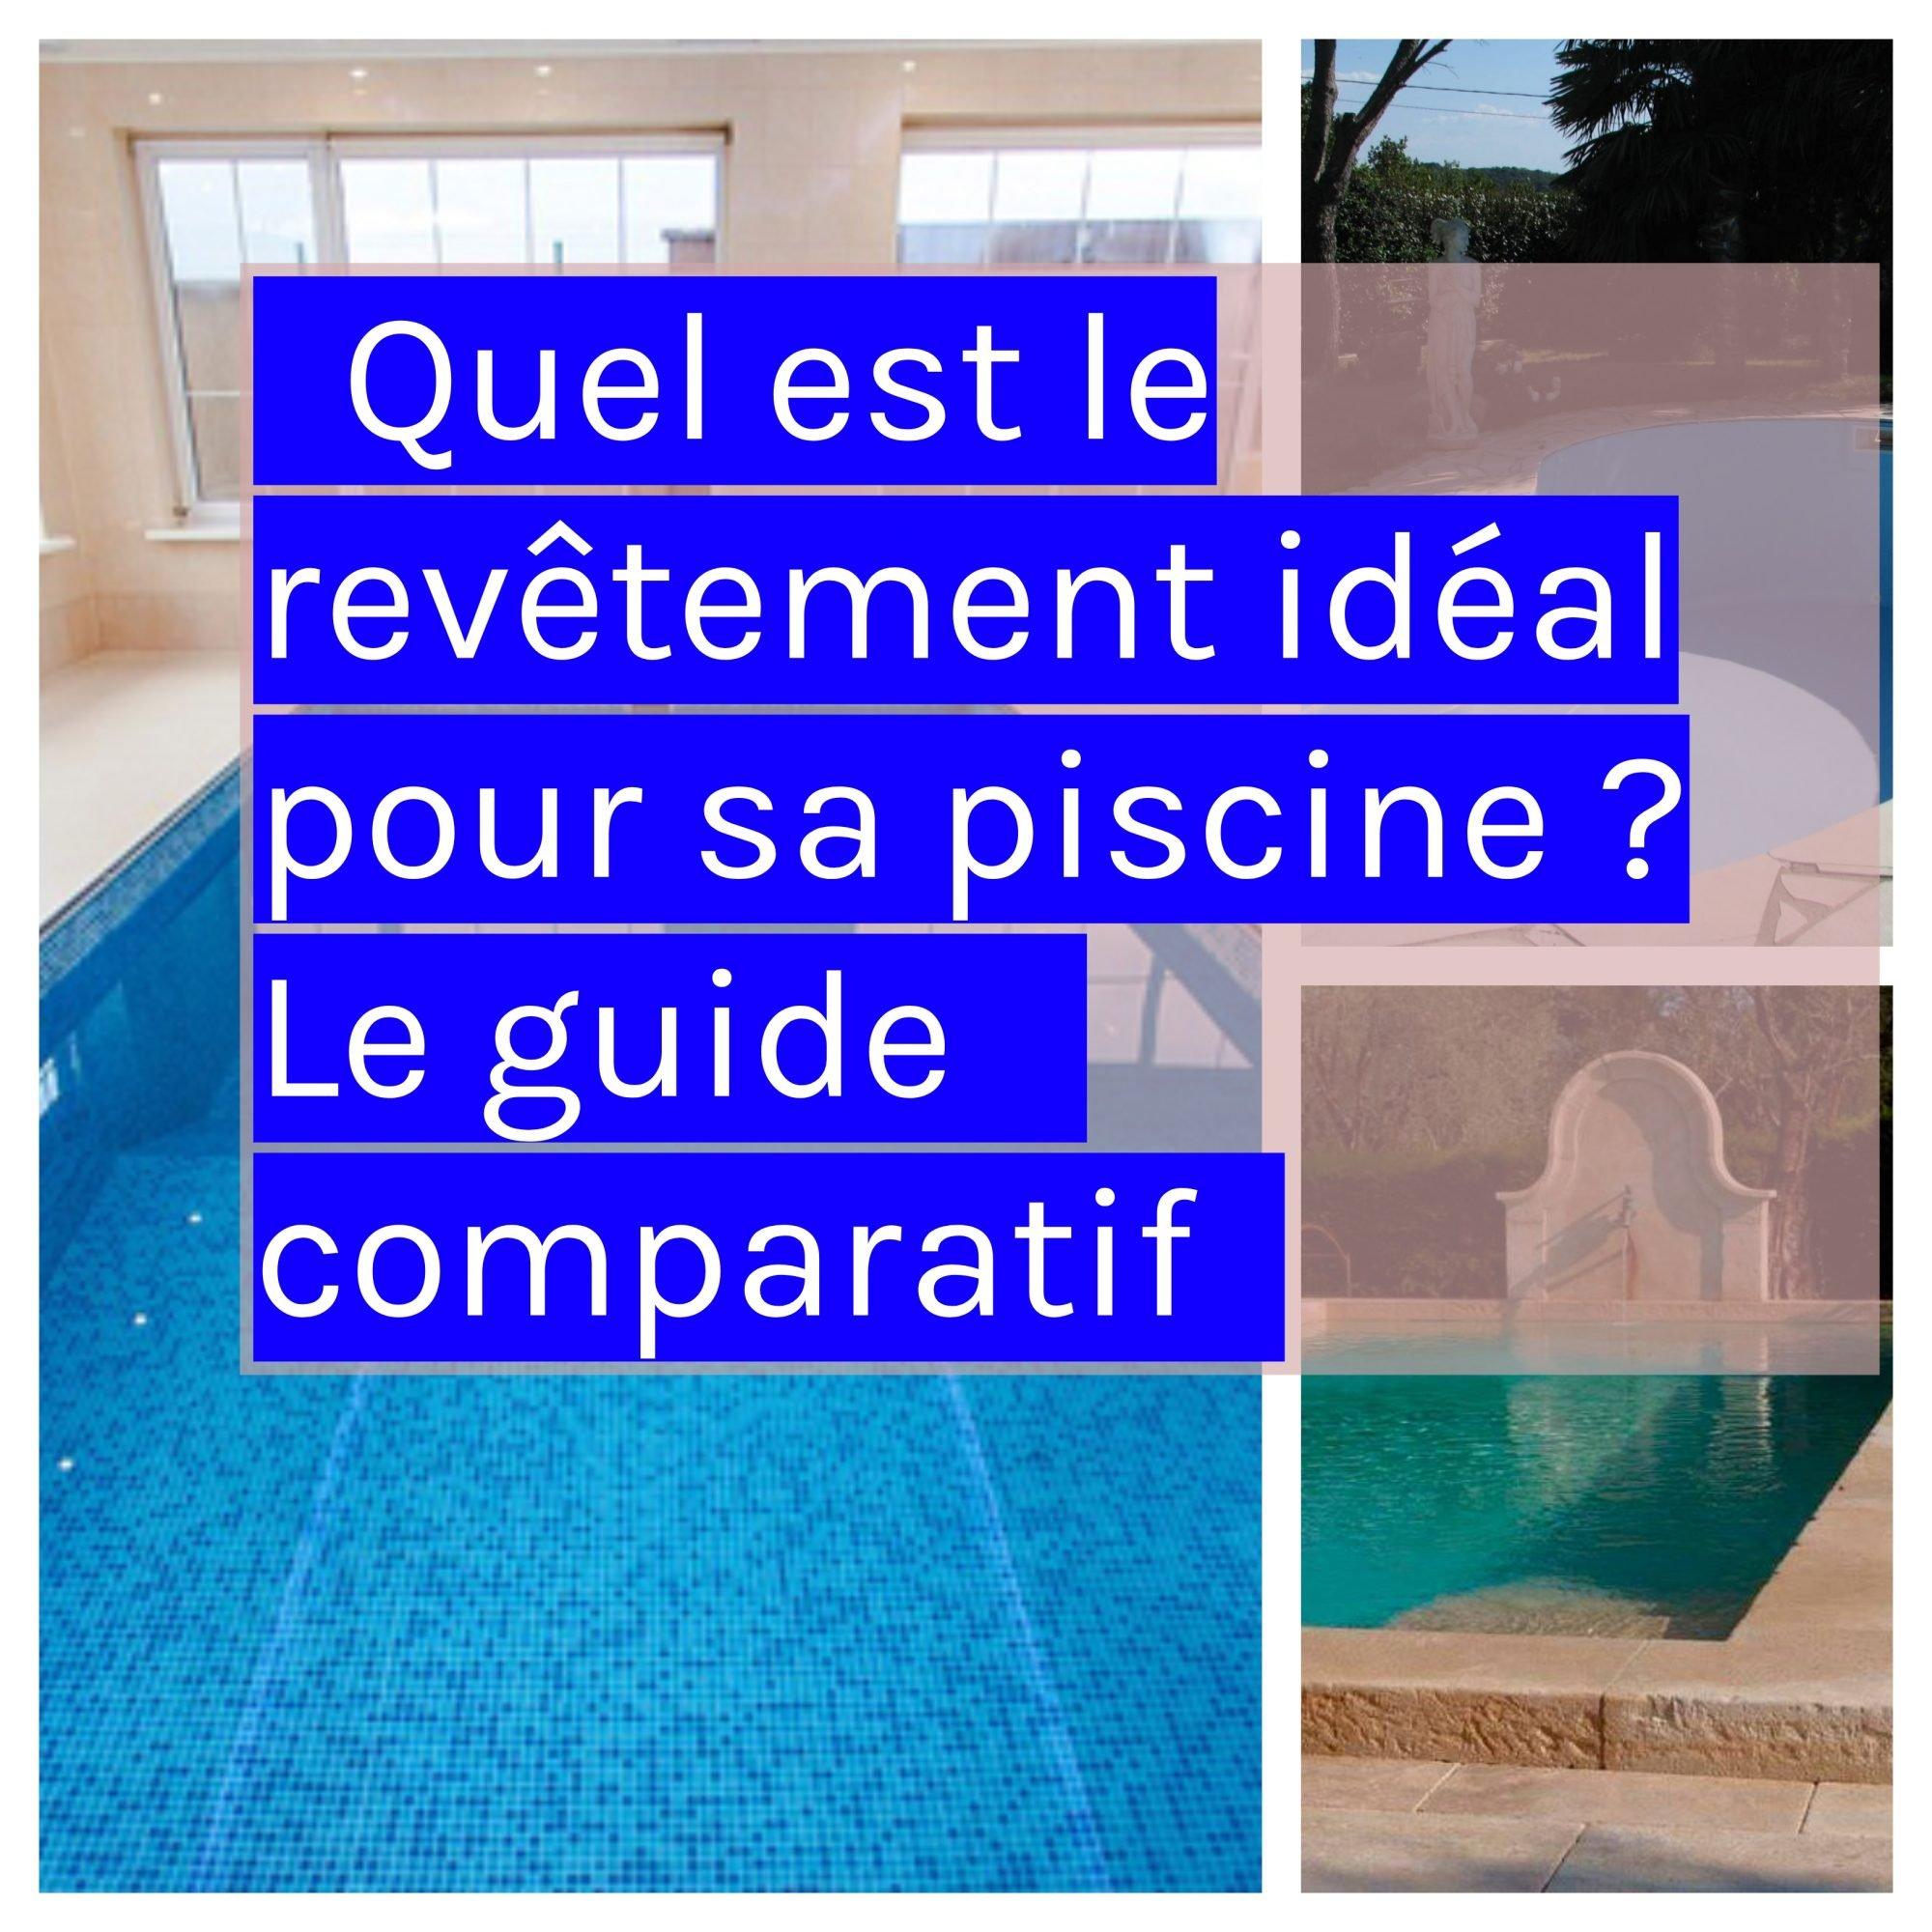 Quel est le rev tement id al pour sa piscine le guide - Revetement ideal pourtour de piscine ...